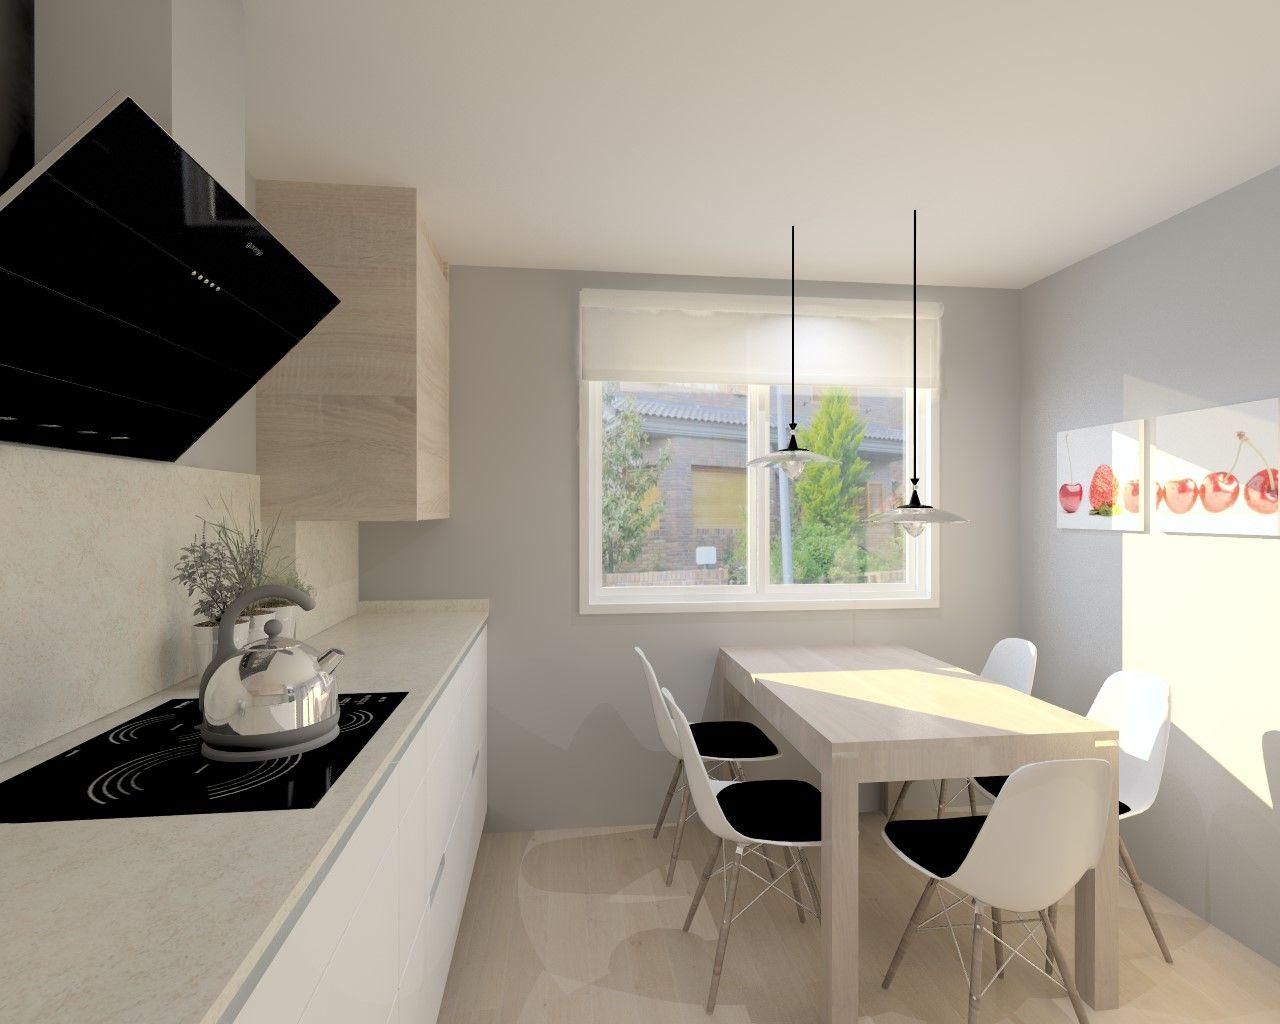 Cocina santos modelo minos l blanco seda encimera granito - Granito para cocinas ...